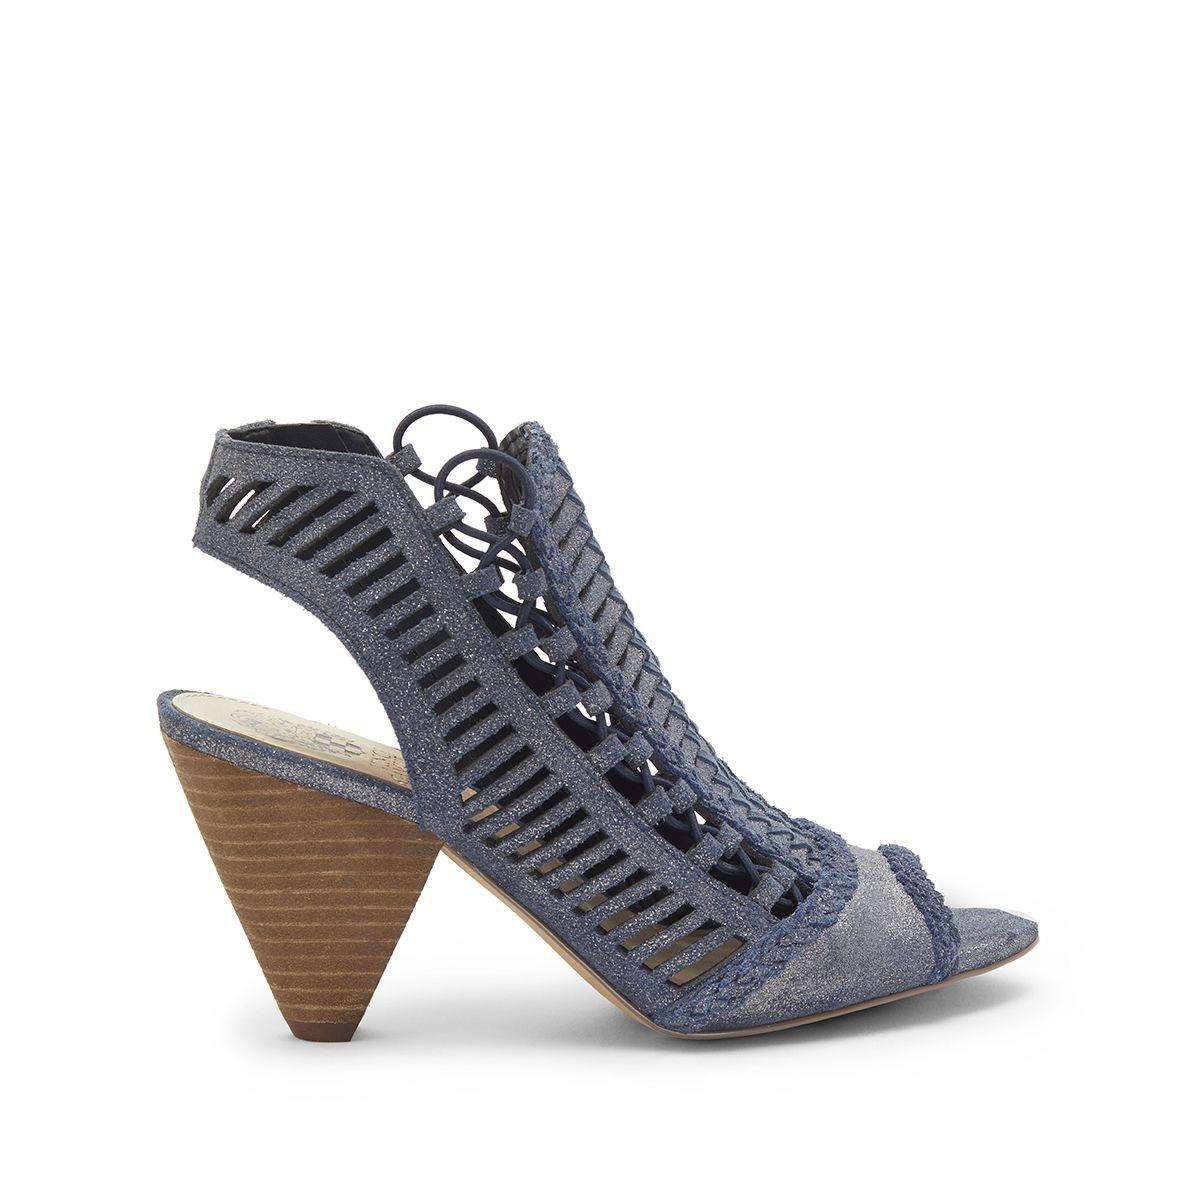 b2ea9d35a00a Vince Camuto Shoes - Macy s